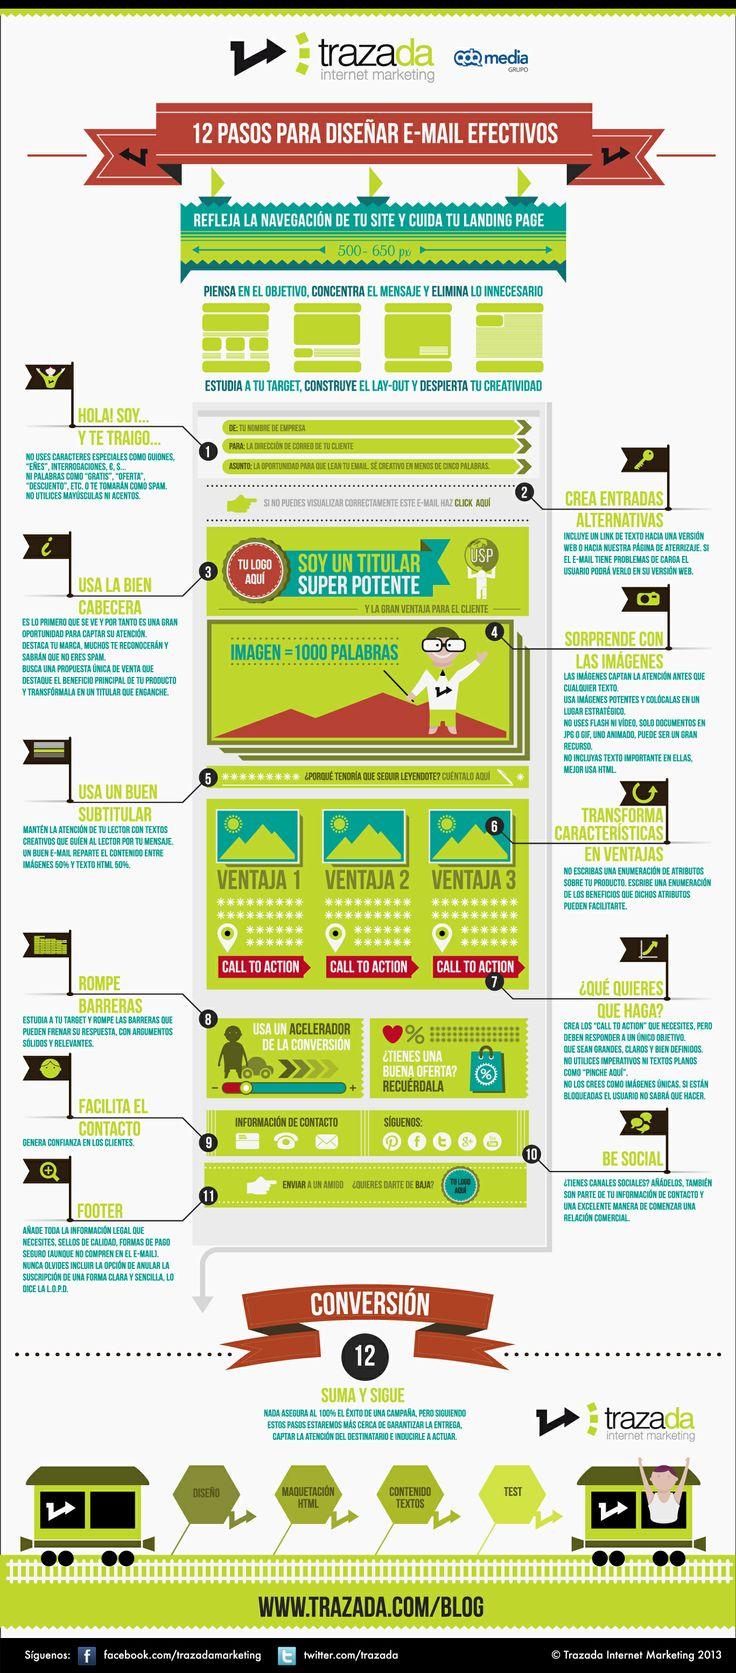 Diseñar un email eficaz en 12 pasos #trazada #email #infografía